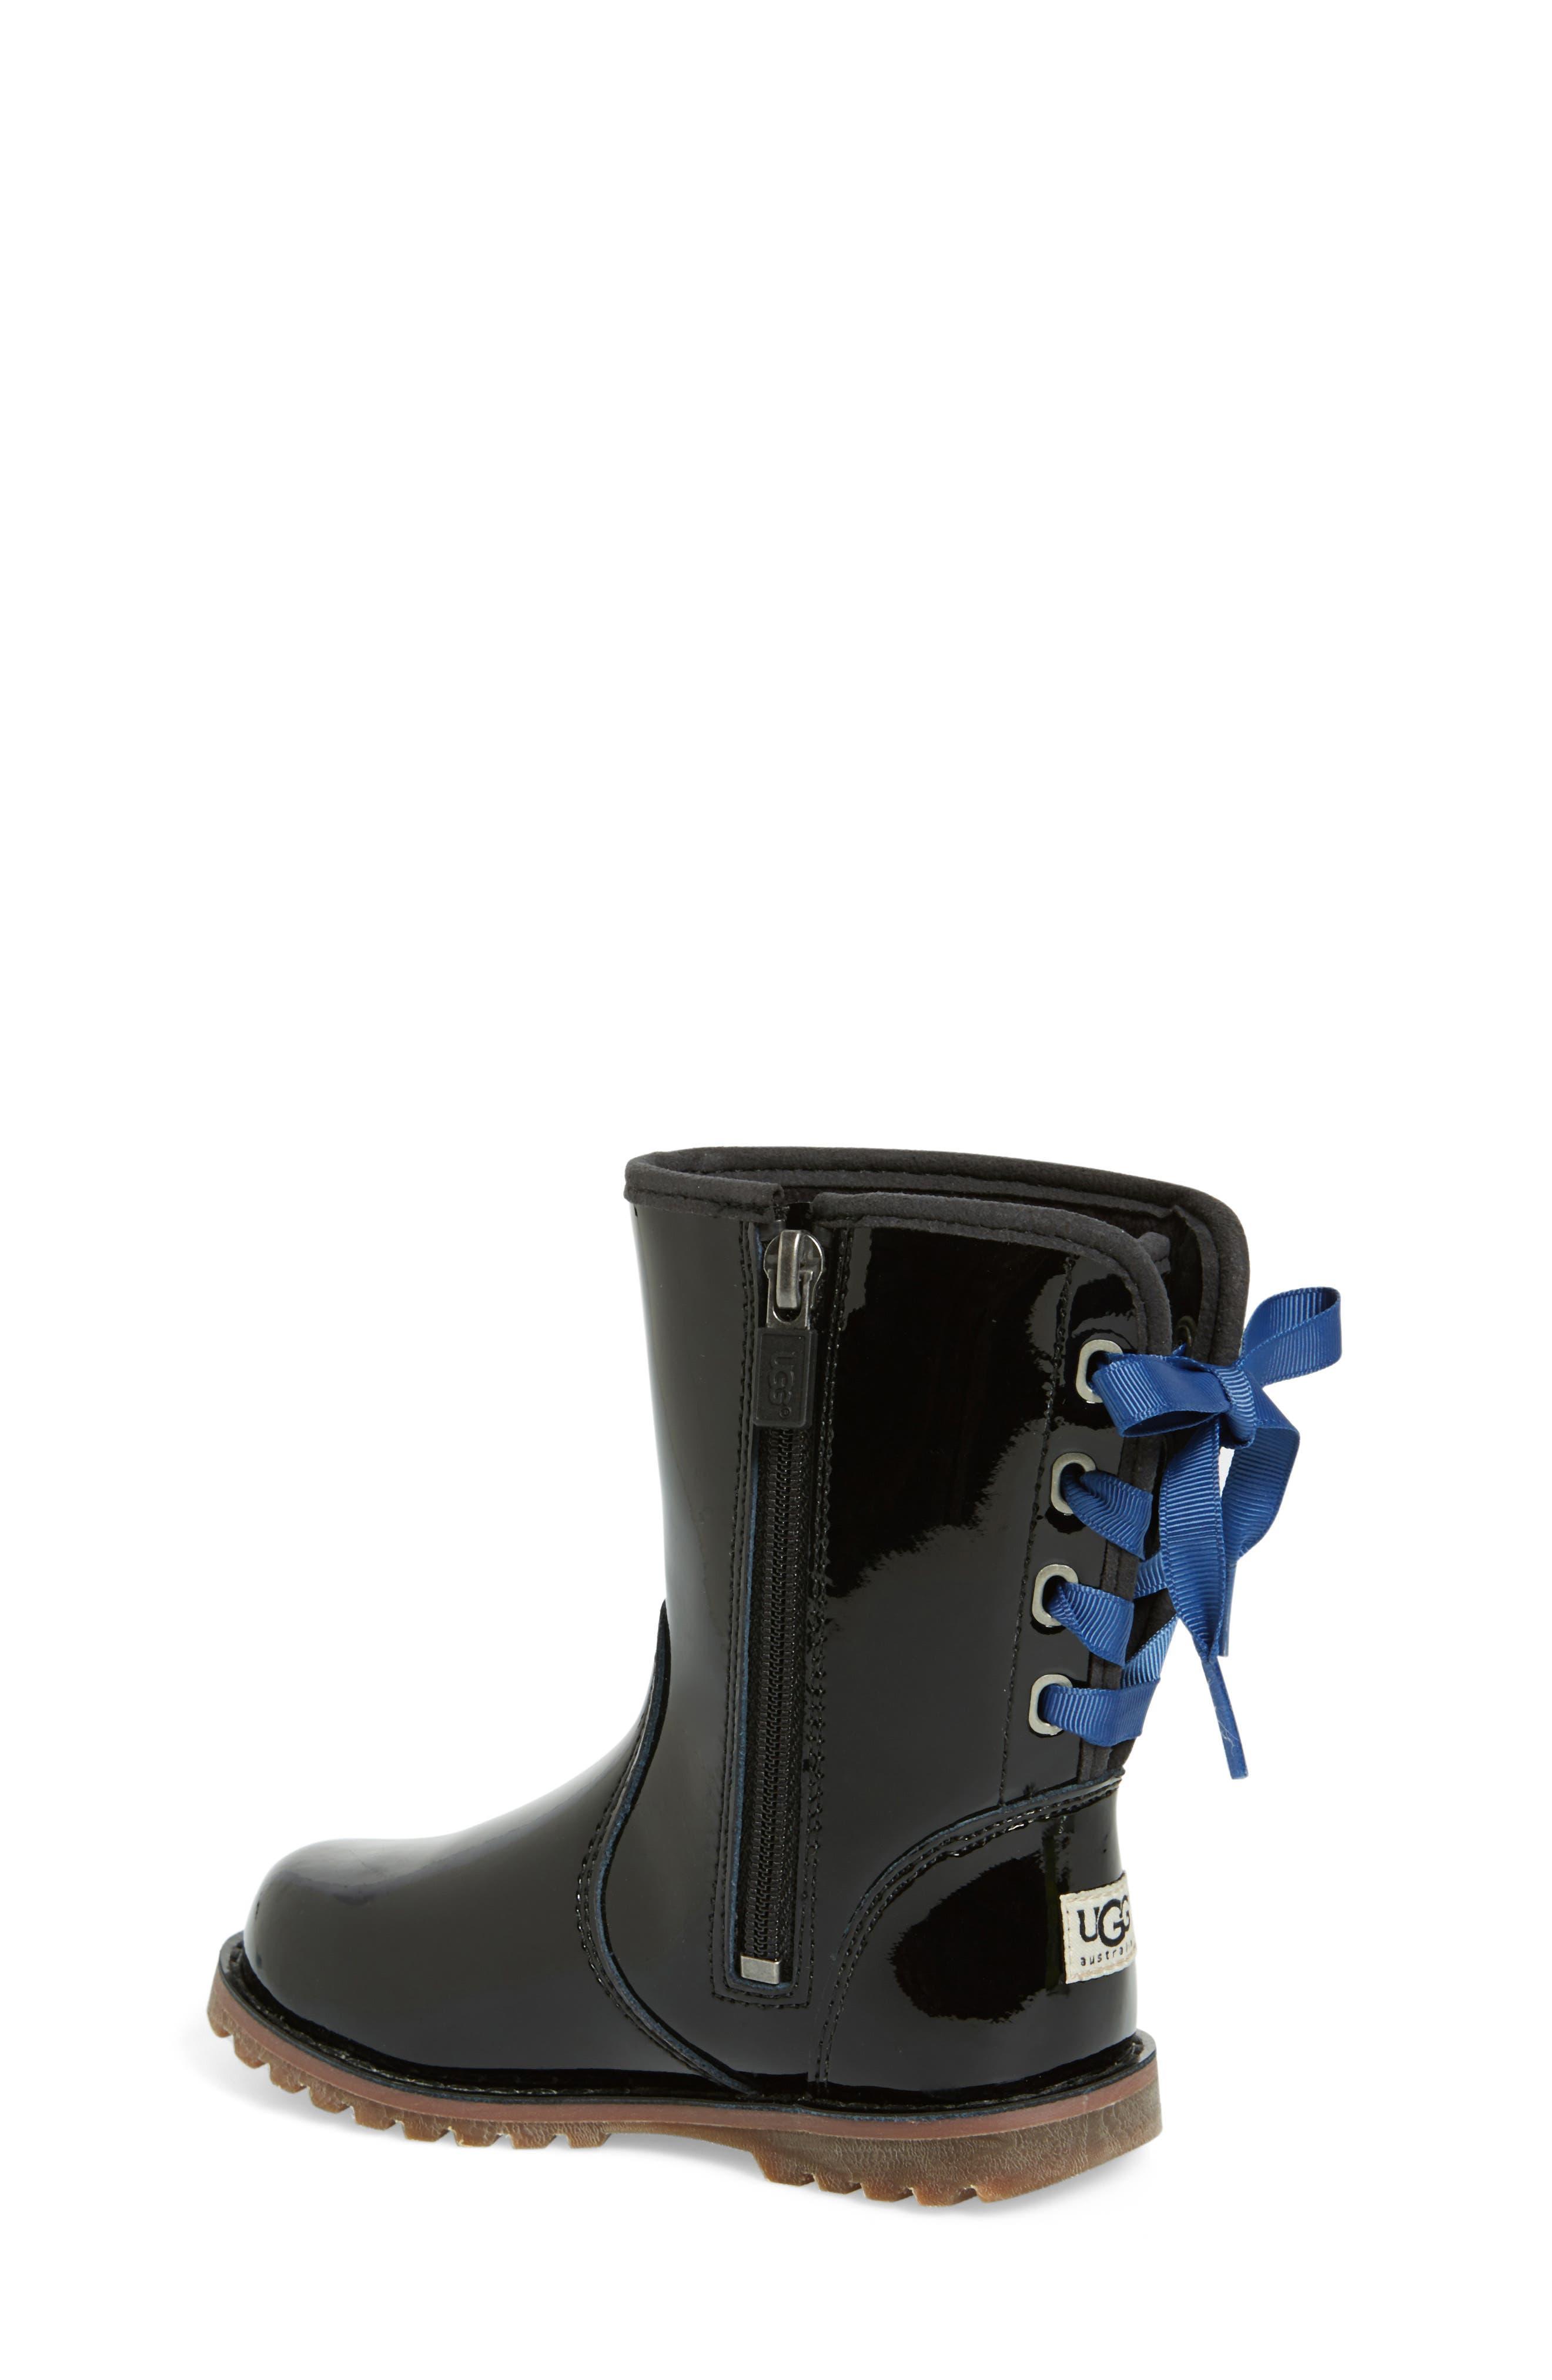 Corene Patent Leather Boot,                             Main thumbnail 1, color,                             BLACK/ BLACK